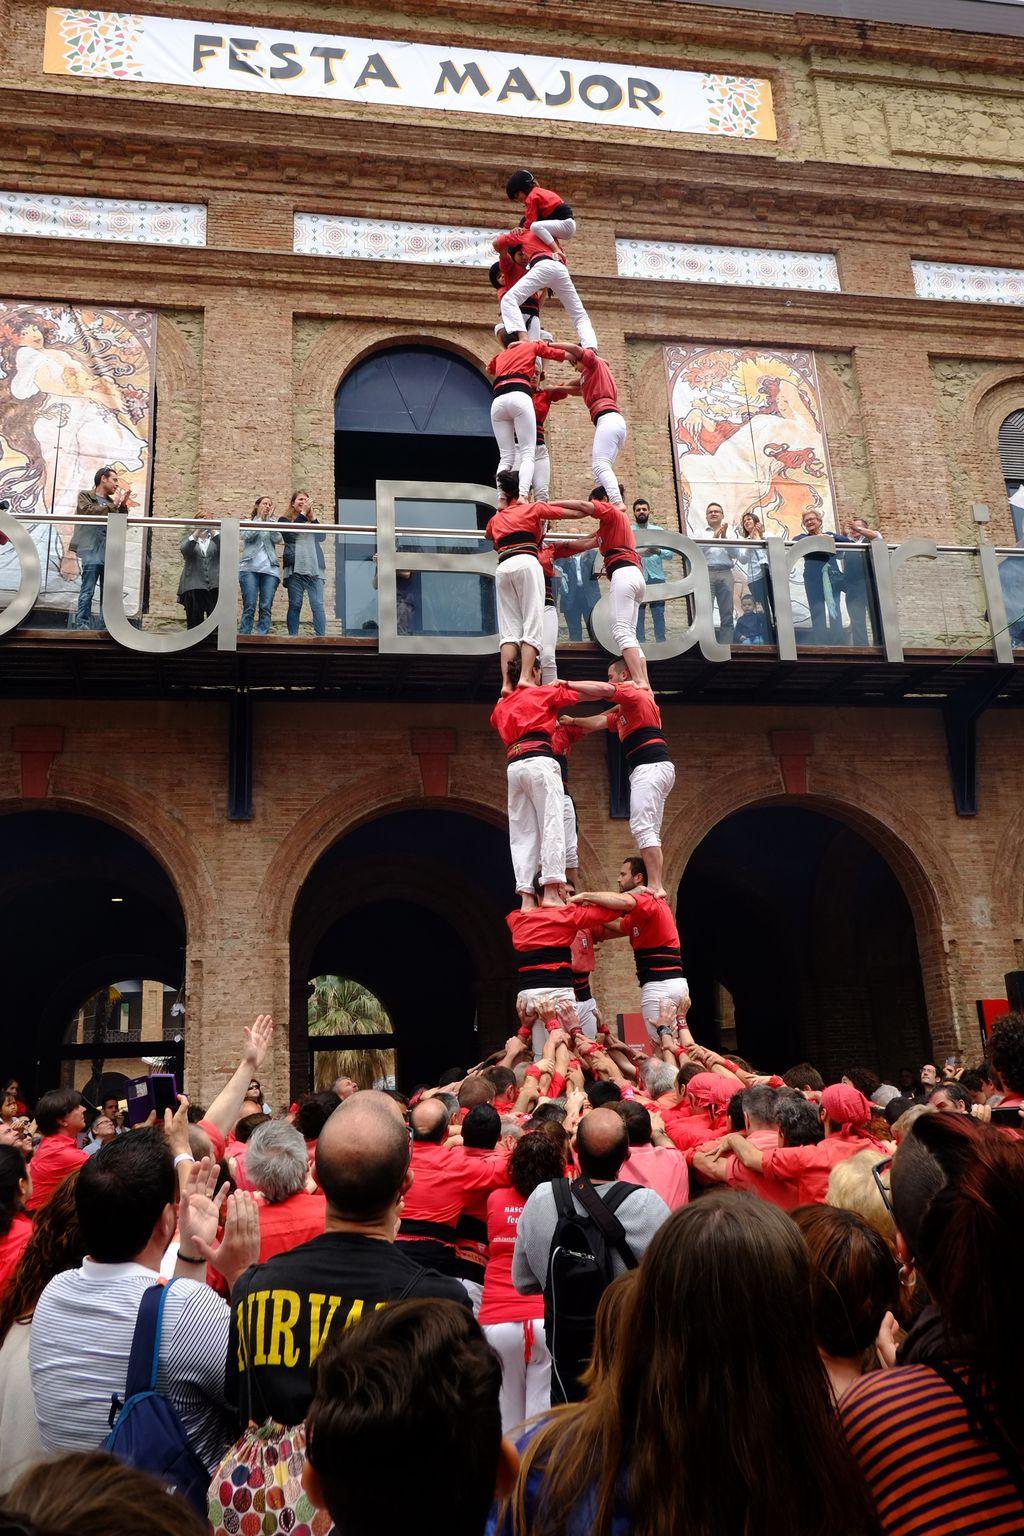 Festa Major de Nou Barris. Castell aixecat davant de l'Ajuntament